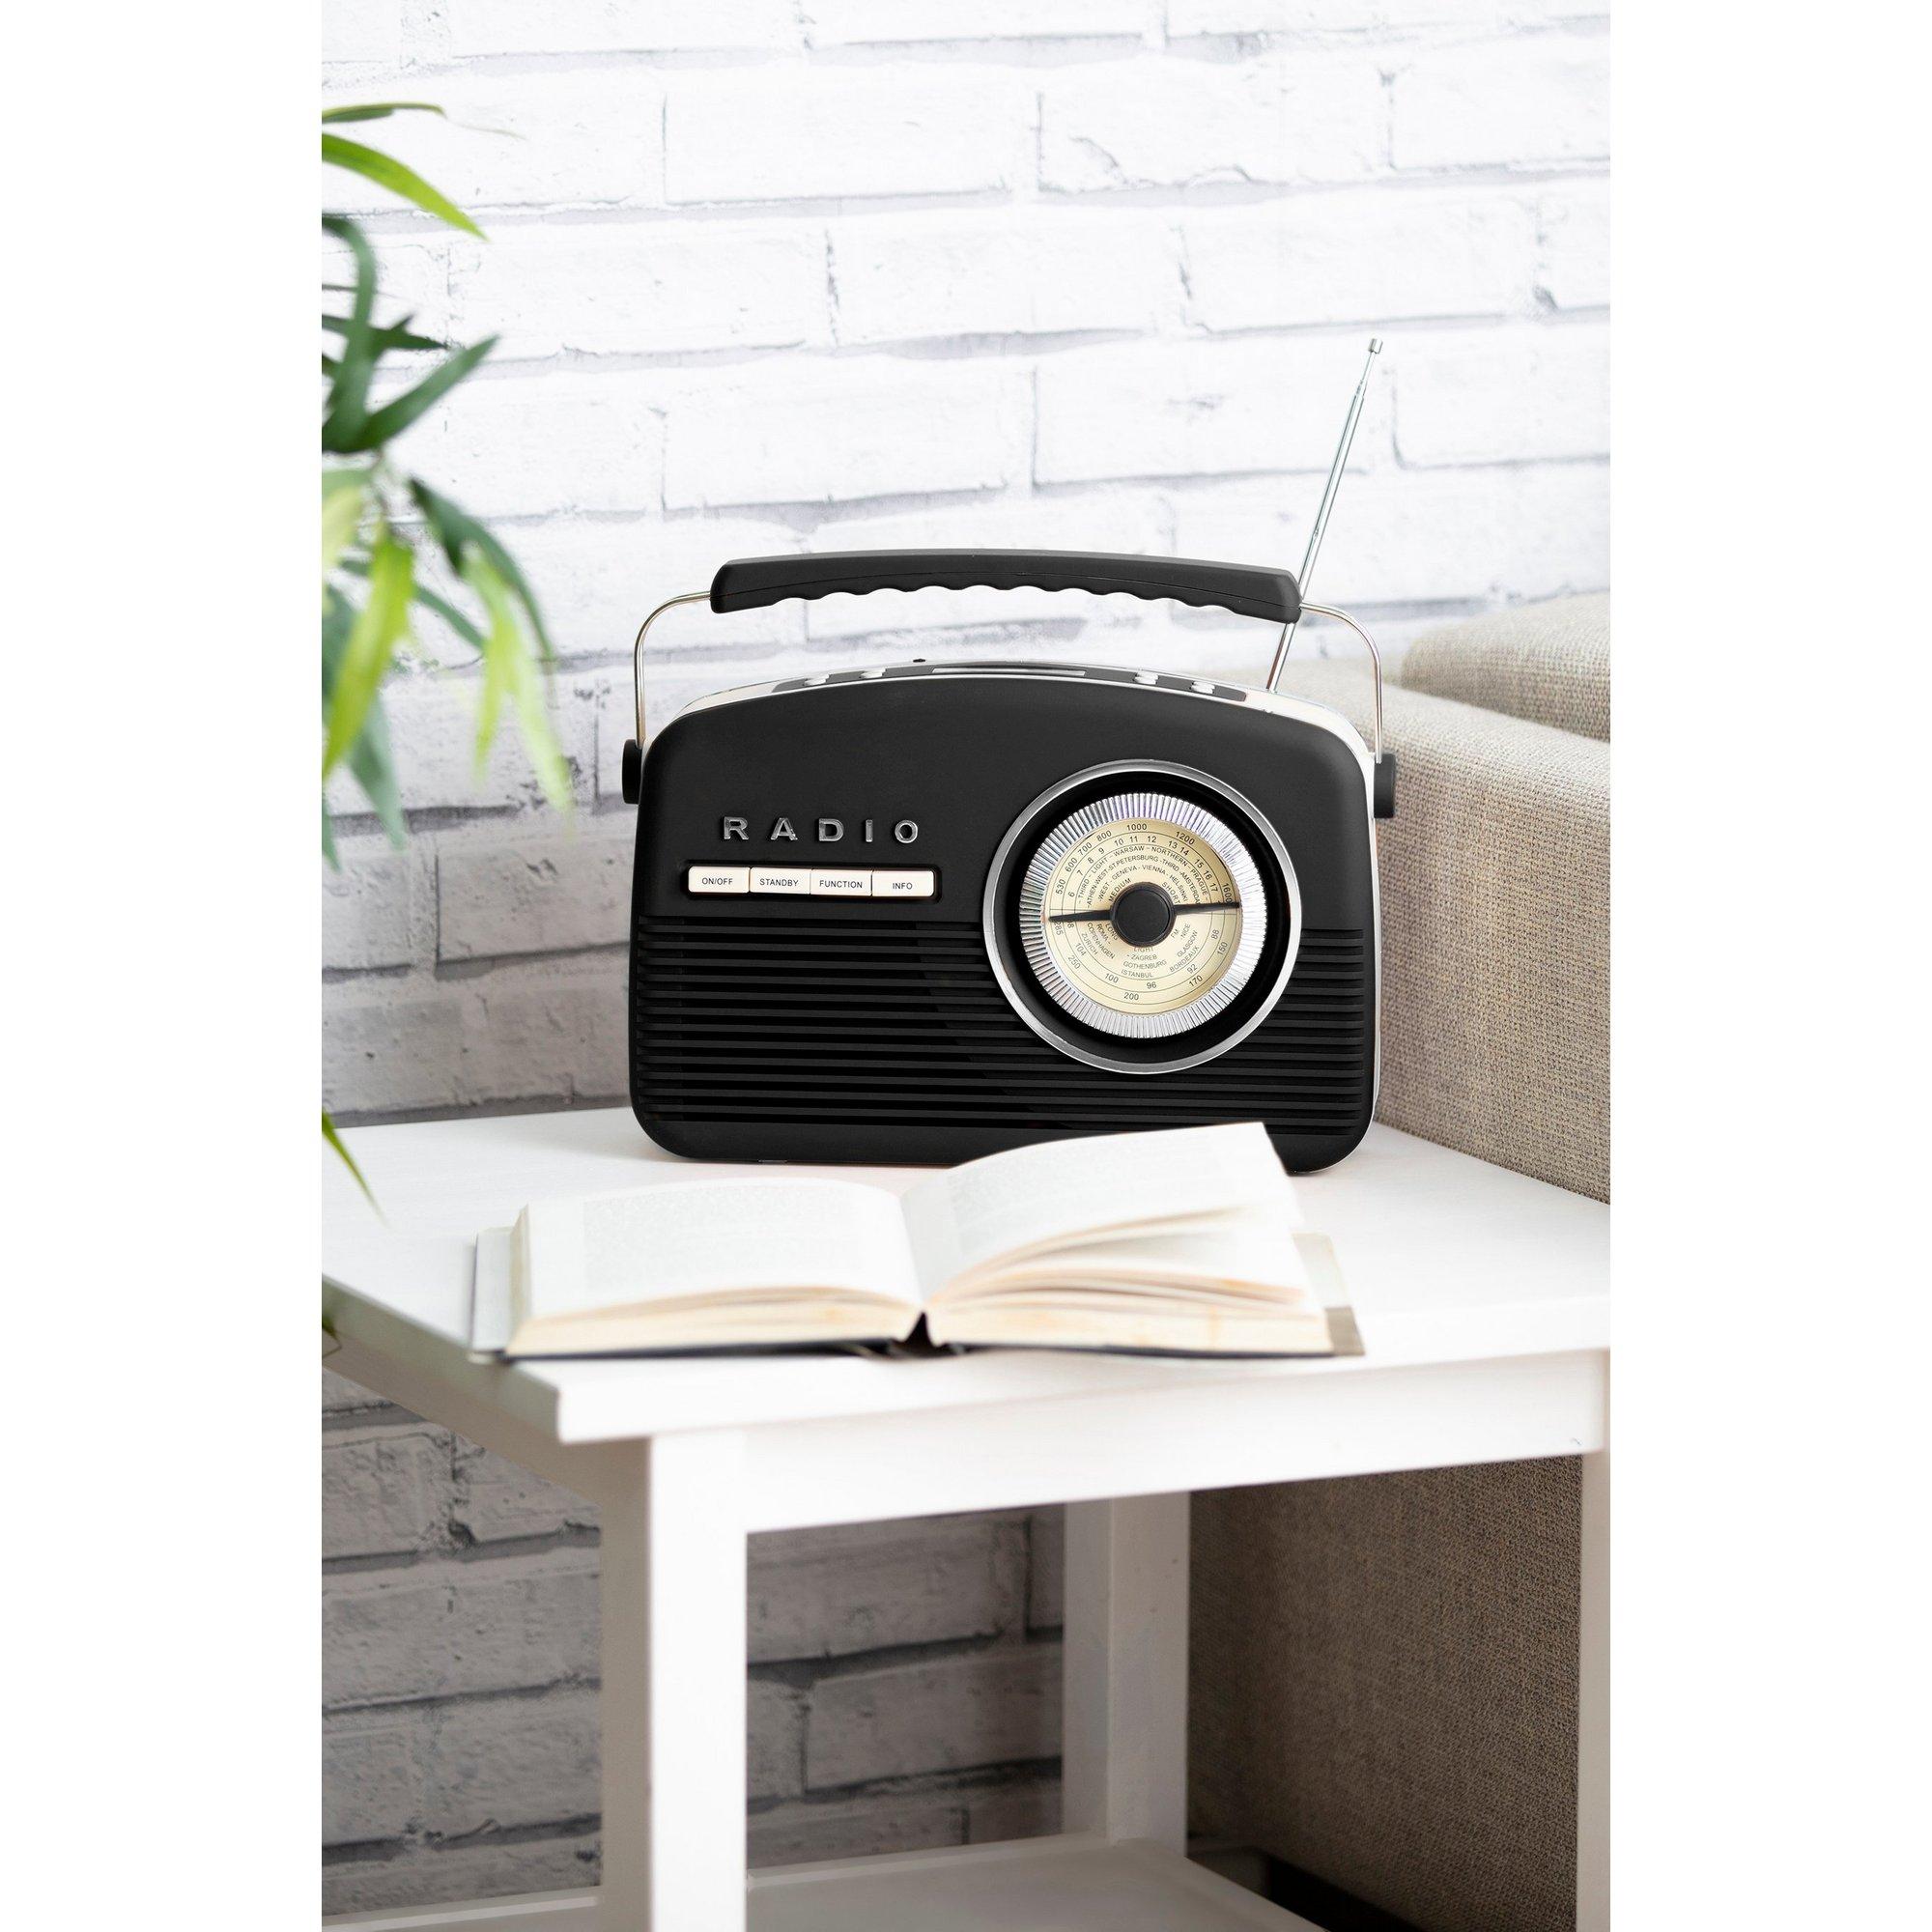 Image of AKAI Vintage DAB Radio